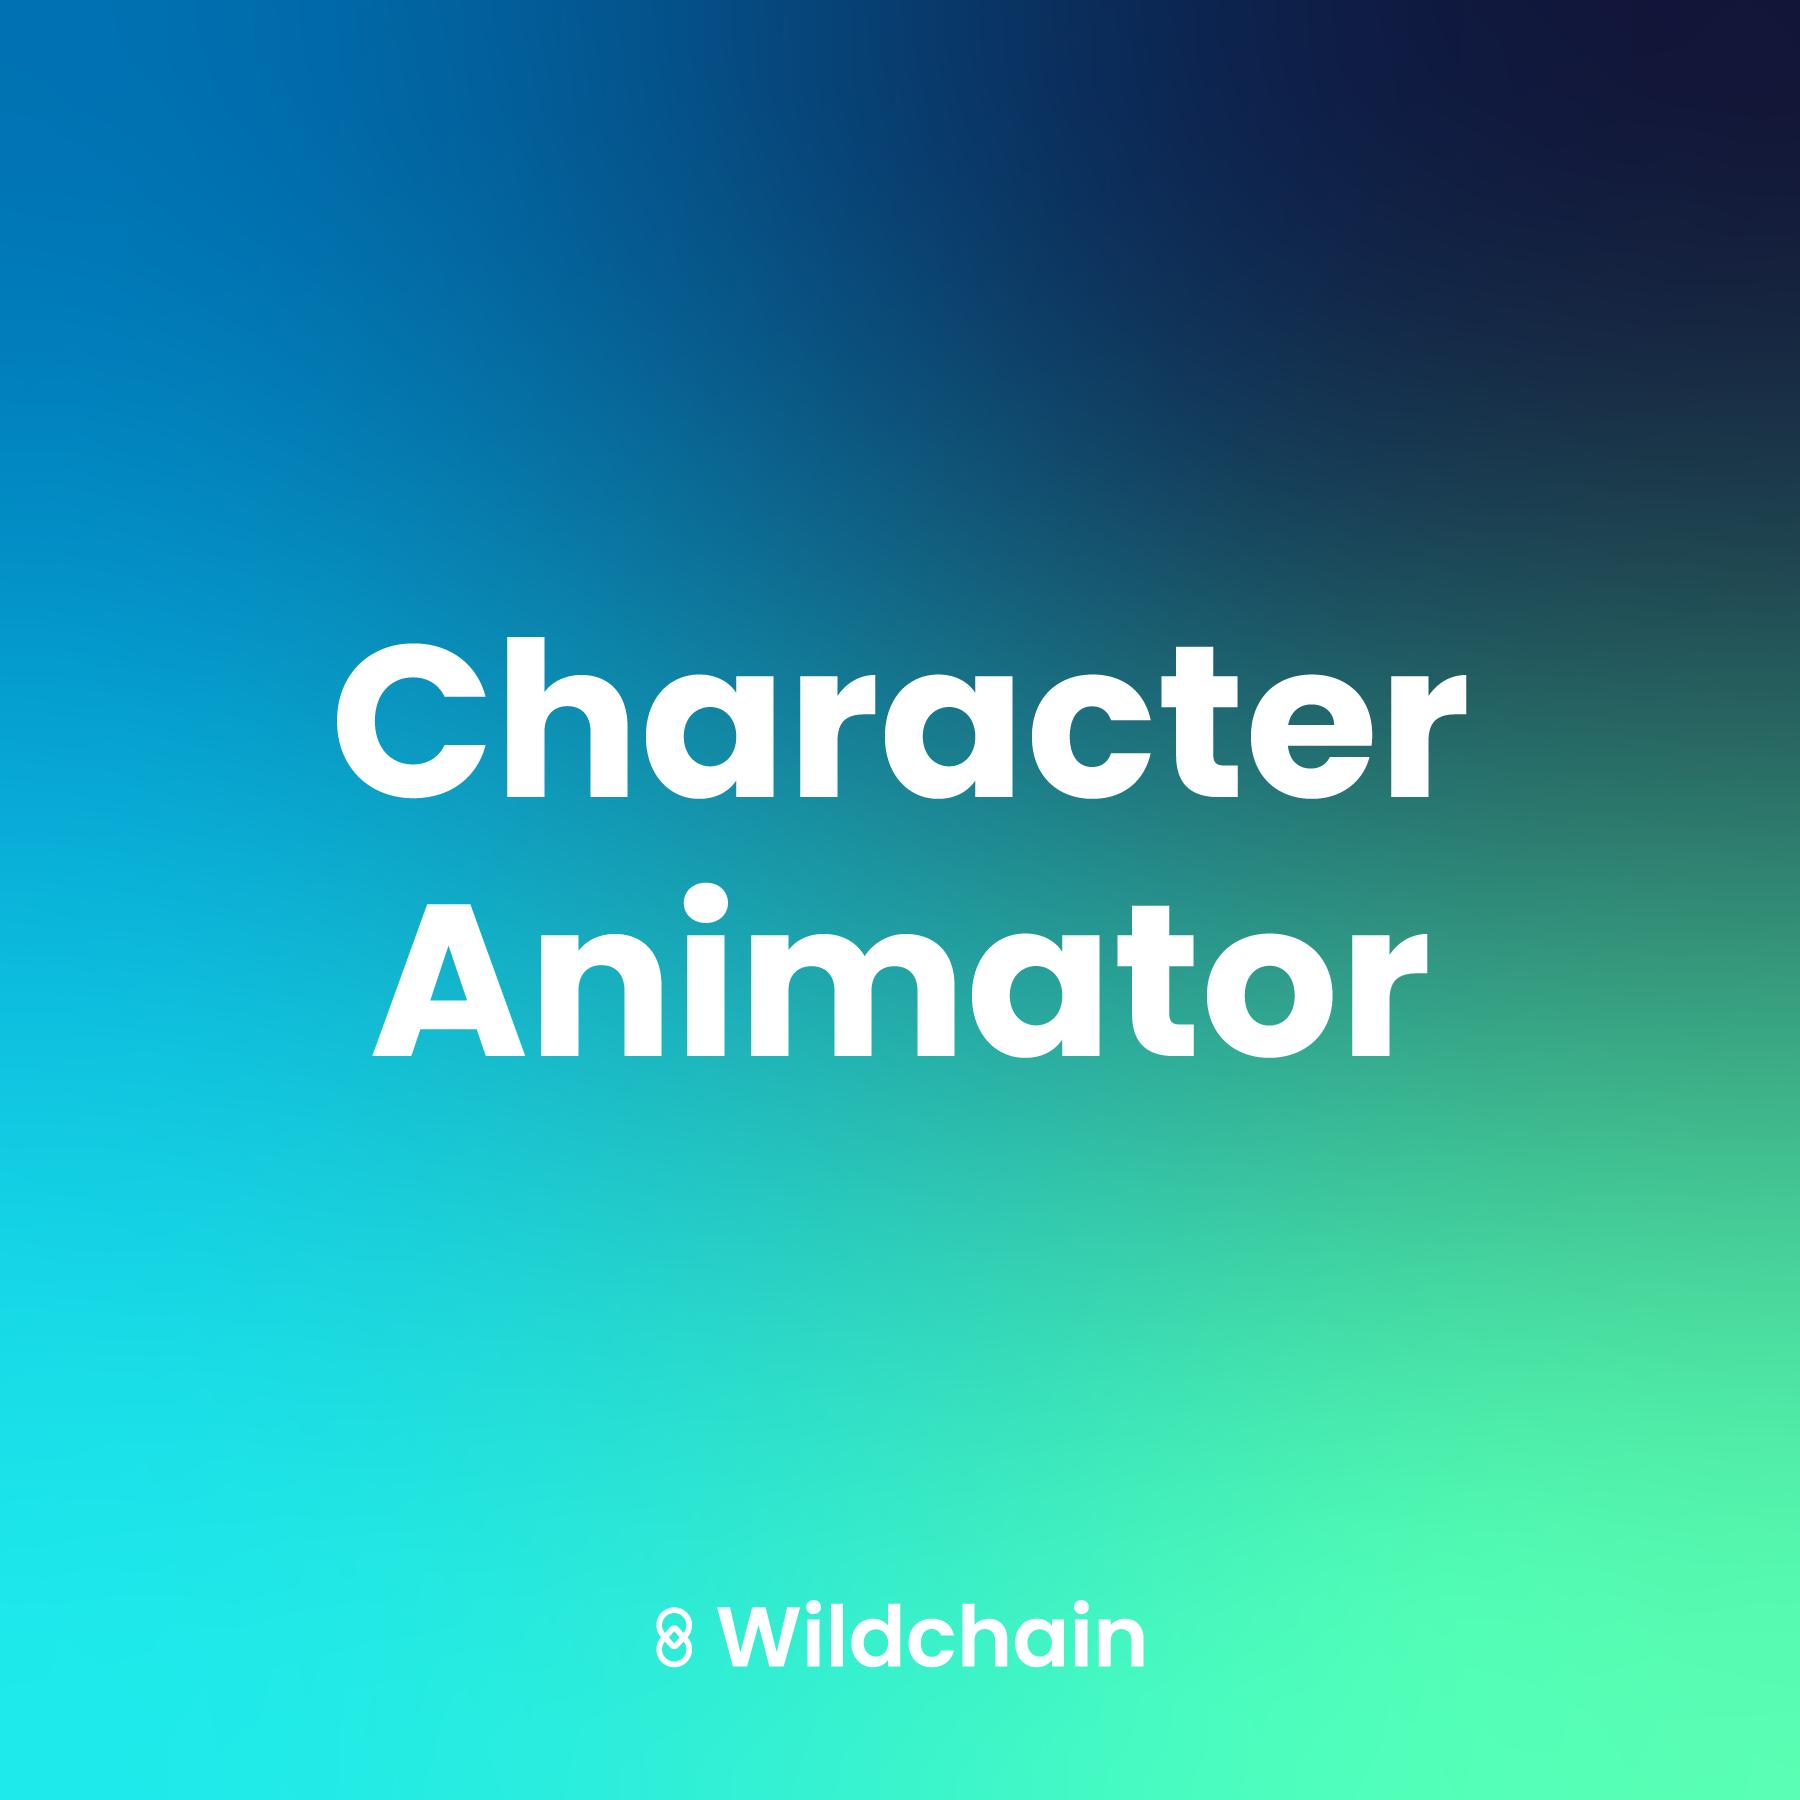 characteranimator-07